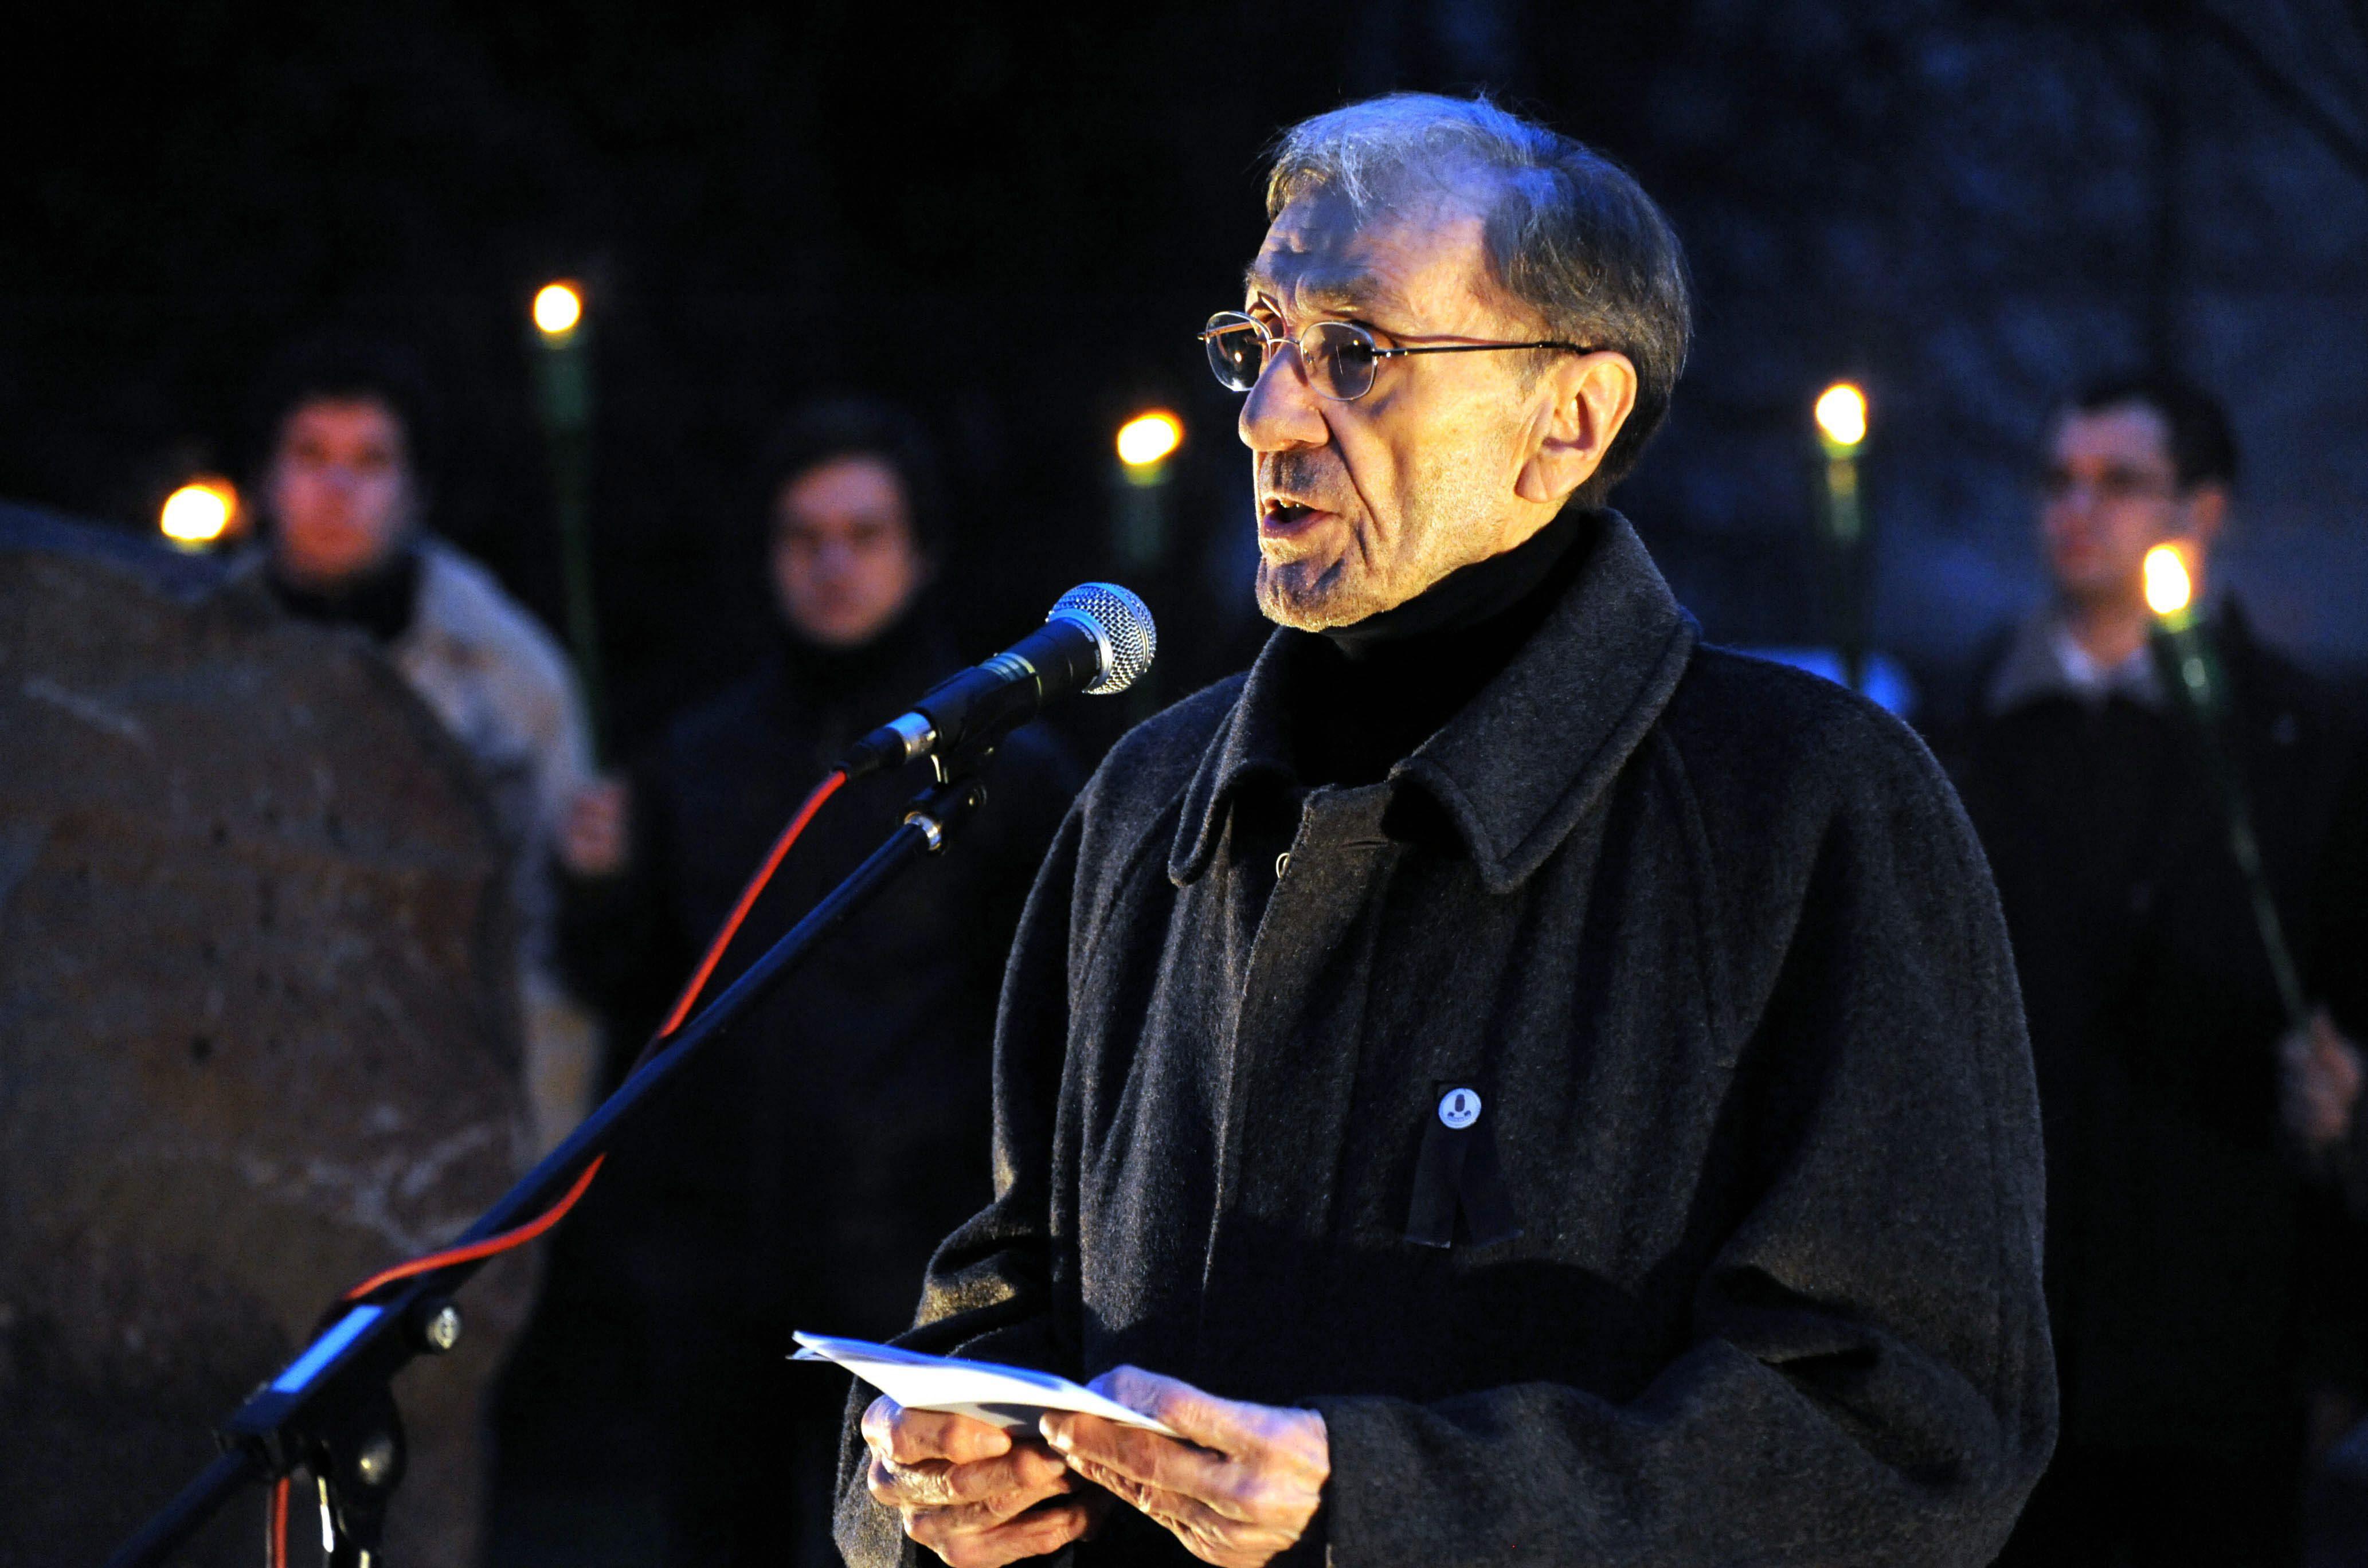 Menczer Gusztáv, a Szovjetunióban Volt Magyar Politikai Rabok és Kényszermunkások Szervezetének elnöke beszédet mond / Fotó: MTI